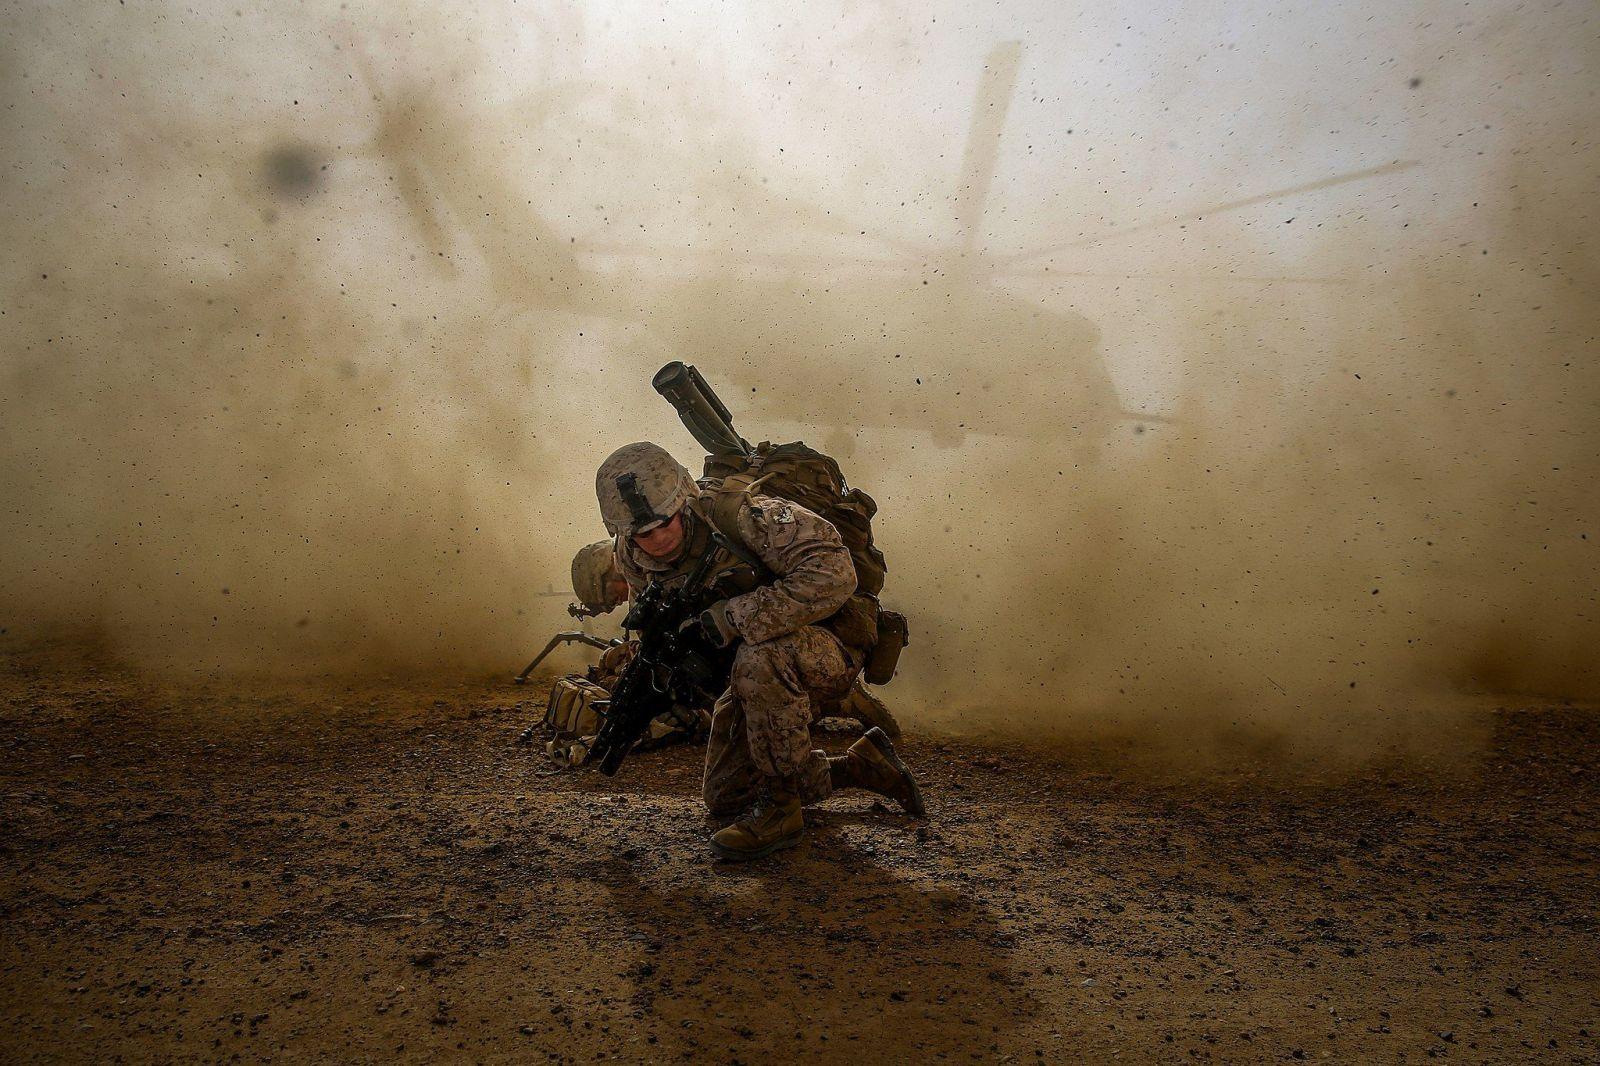 Americkí prezidenti, úradníci a generáli klamali o vojne v Afganistane